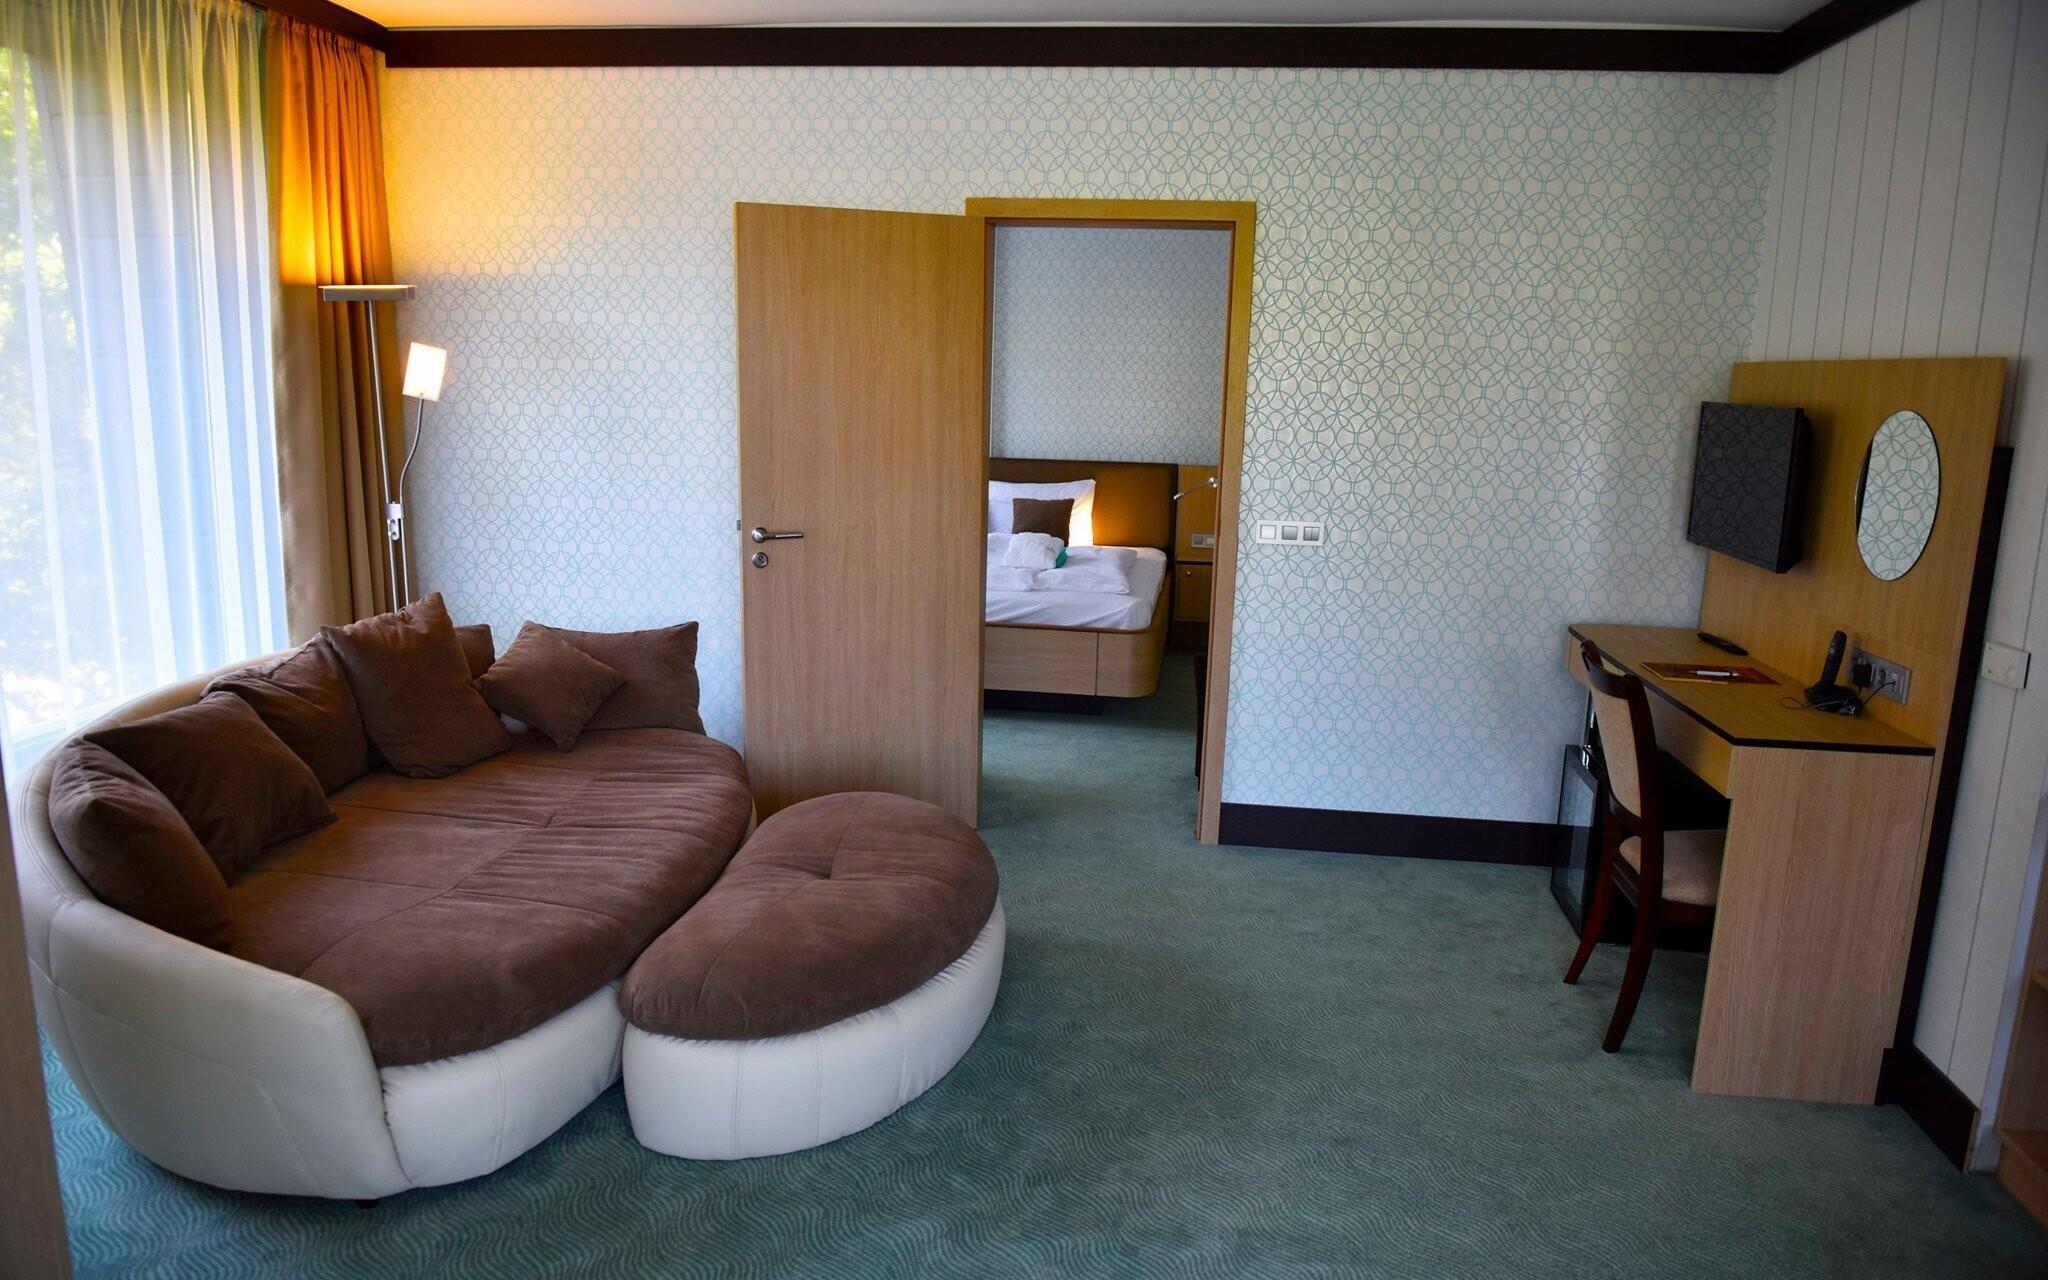 V komfortních pokojích najdete vše potřebné